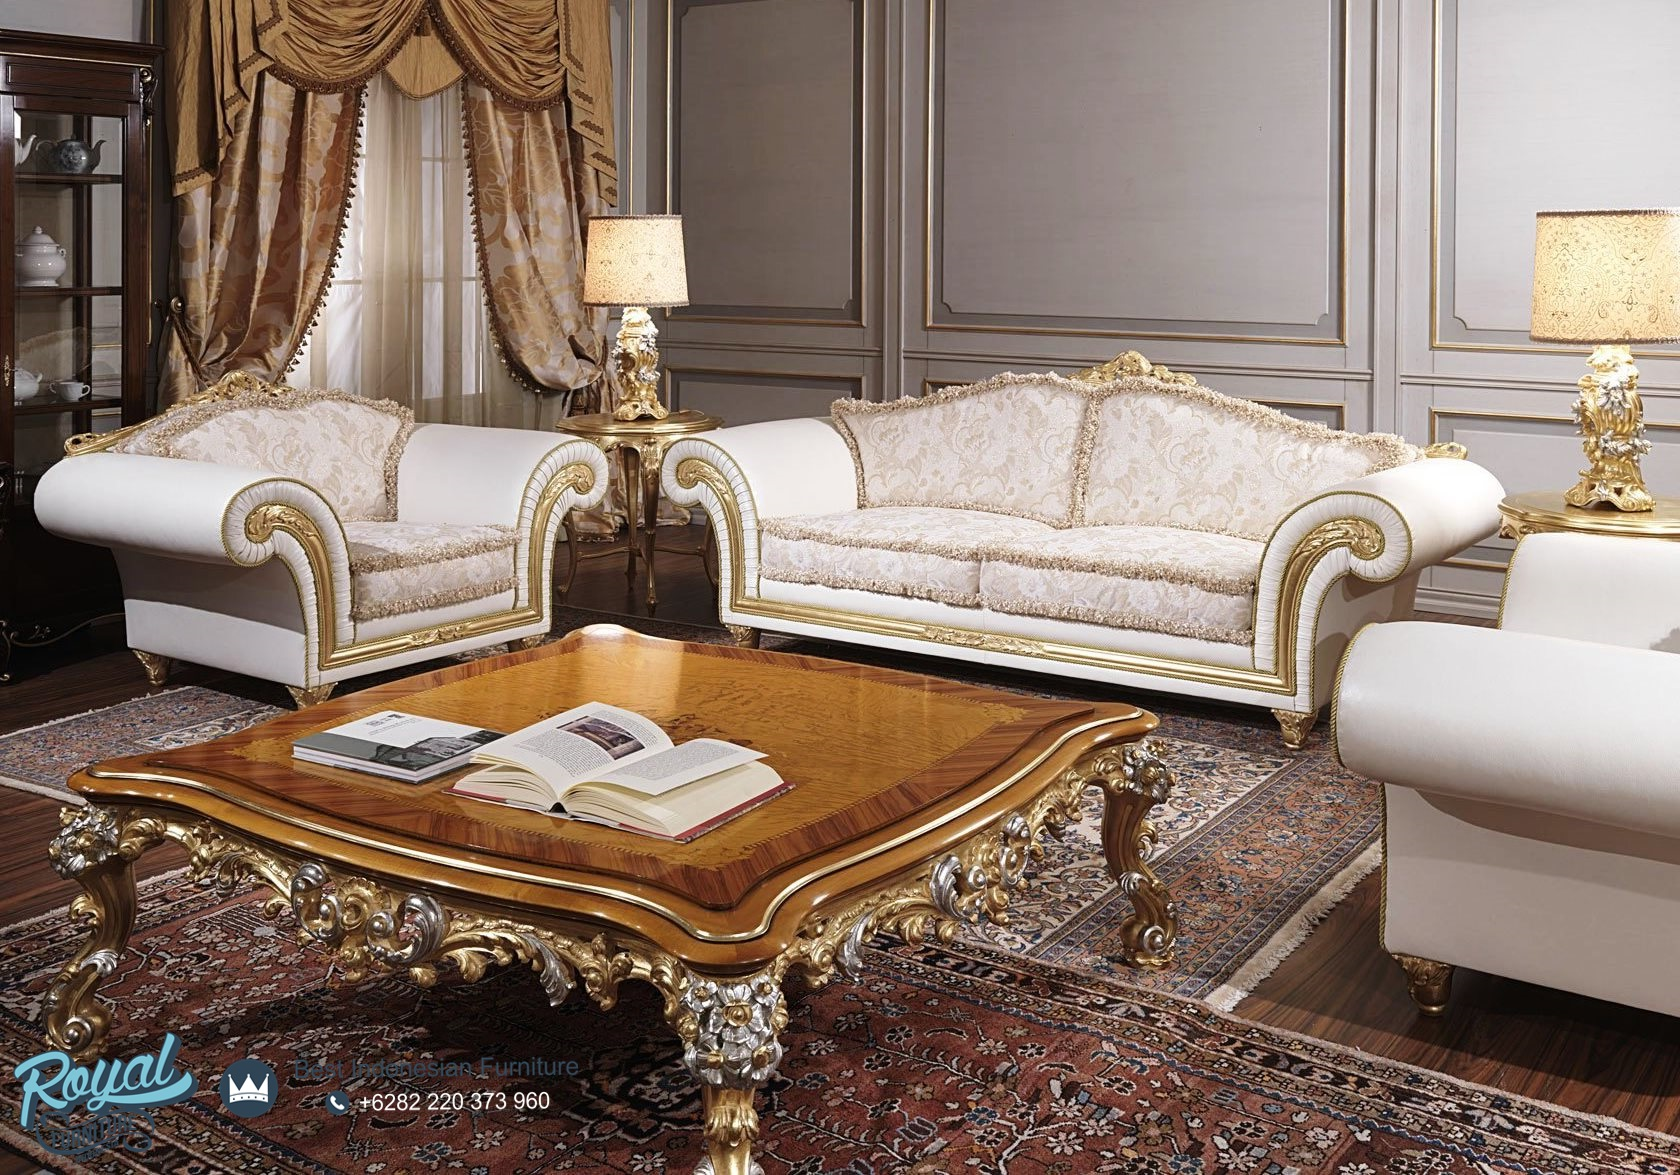 Sofa Ruang Tamu Classic Living Room Imperial, kursi tamu sofa, sofa ruang tamu, sofa minimalis terbaru, harga sofa minimalis 2019, sofa ruang tamu kecil, kursi sofa, kursi tamu minimalis modern, sofa ruang tamu mewah, set sofa tamu mewah, set sofa tamu mewah klasik, set sofa tamu ukiran, set sofa ruang tamu, 1 set sofa tamu, set sofa ruang tamu mewah, harga set sofa tamu jepara murah,harga 1 set sofa ruang tamu, jual sofa set ruang tamu terbaru, mebel jepara, furniture jepara, royal furniture